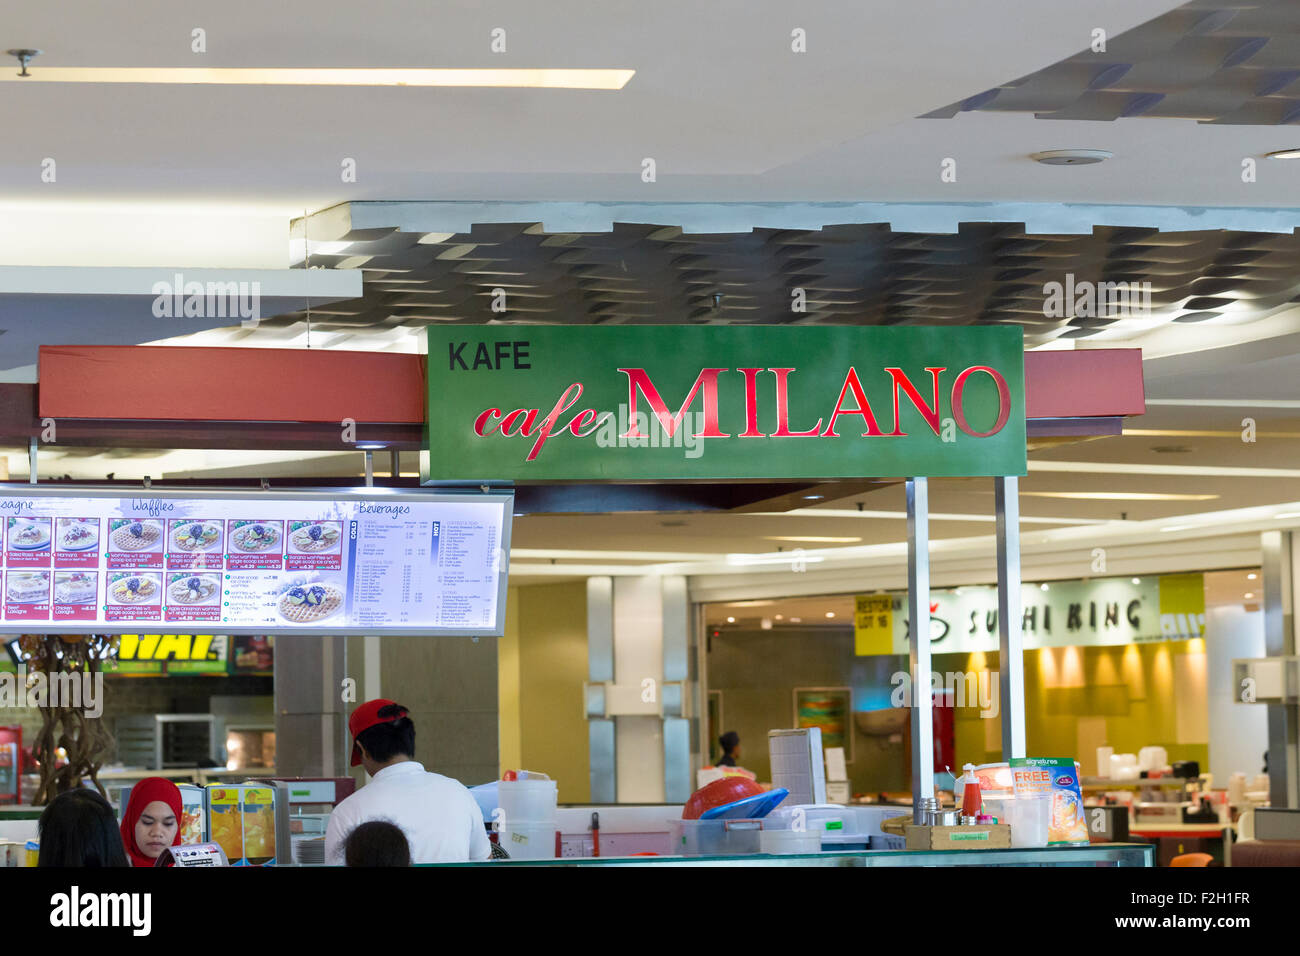 Cafe Milano Stock Photo